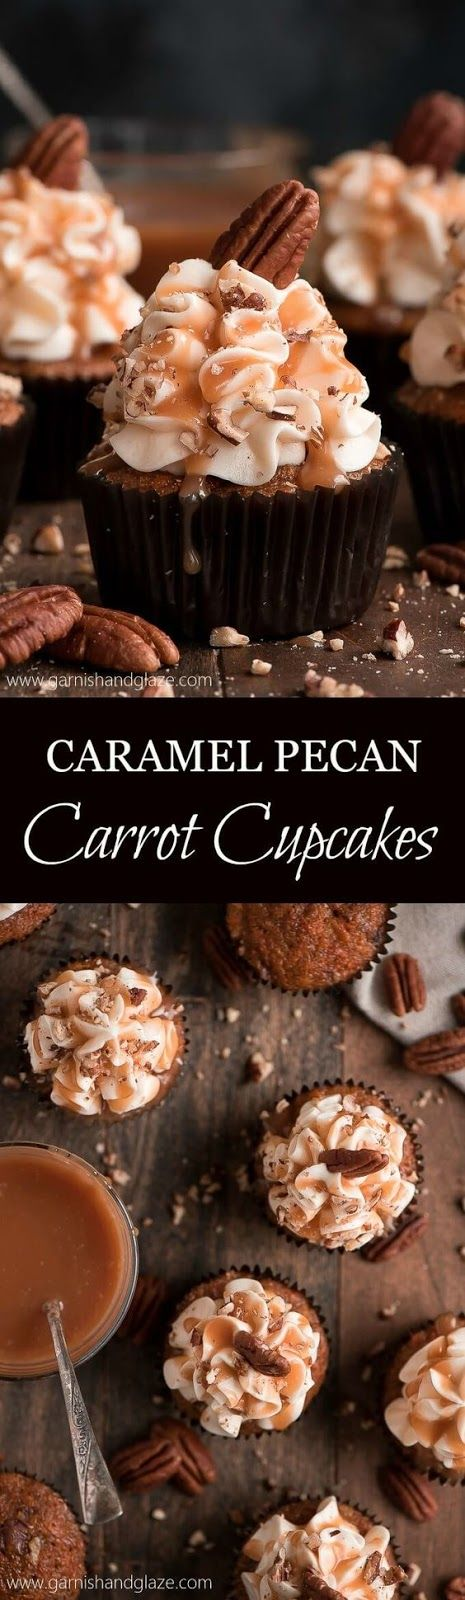 CARAMEL PECAN CARROT CUPCAKES | Food And Cake Recipes